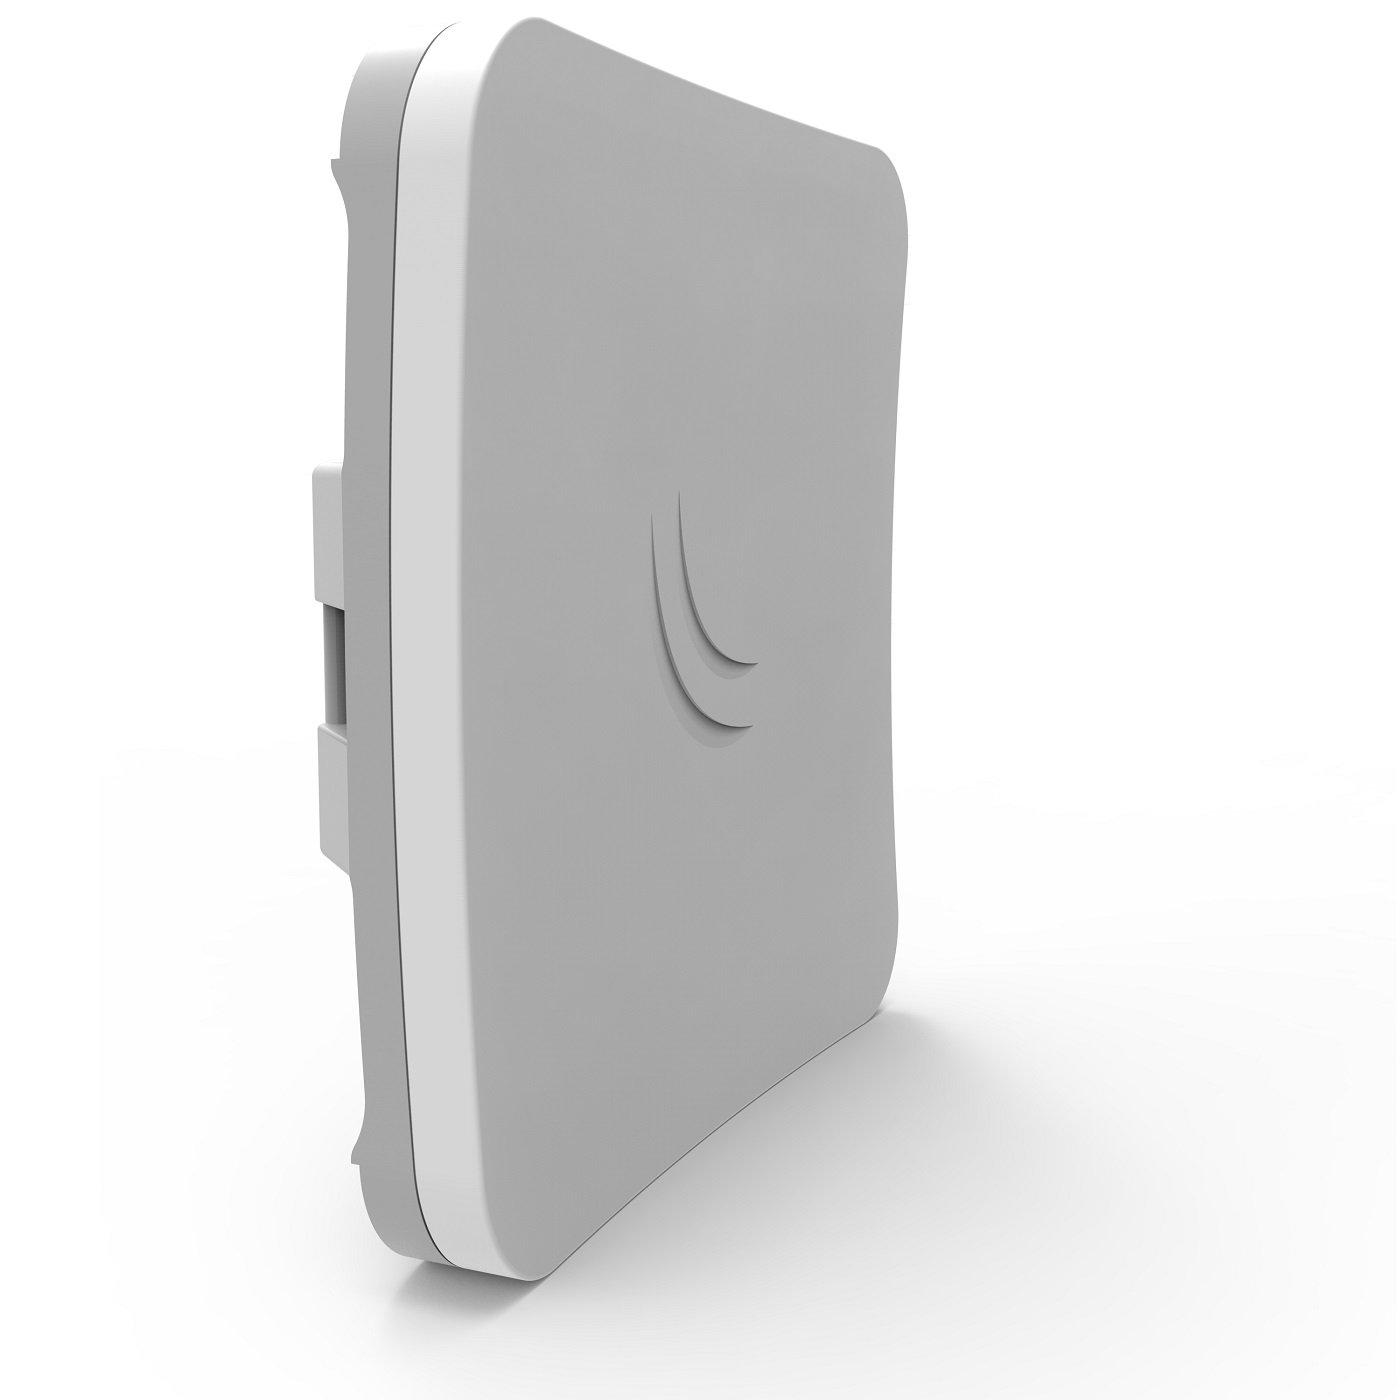 MikroTik SXTsq Lite5 16dBi 5GHz Dual Chain Integrated CPE/Backbone (RBSXTsq5nD-US)